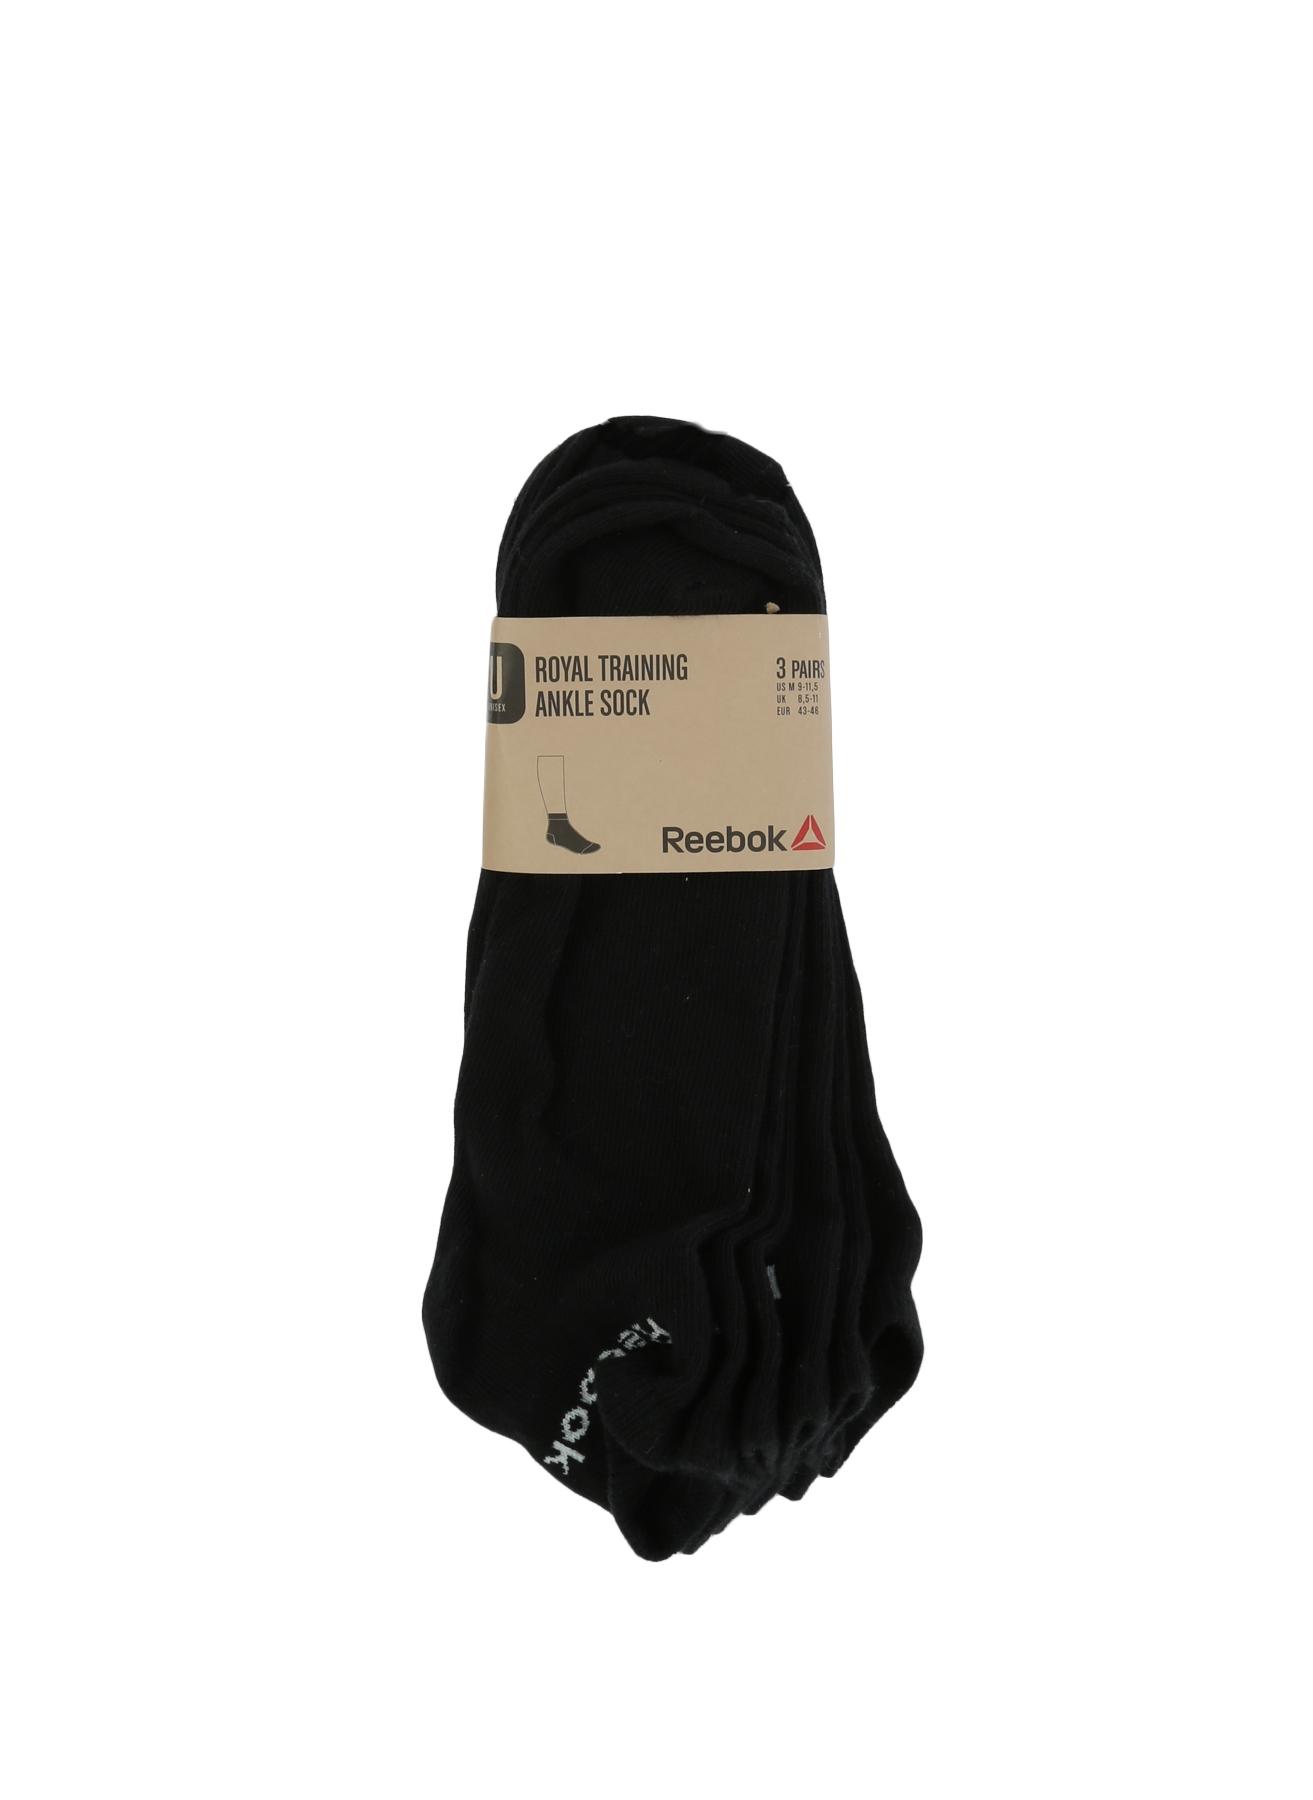 Reebok Roy U Ankle 3p Çorap 43-46 5000313532001 Ürün Resmi